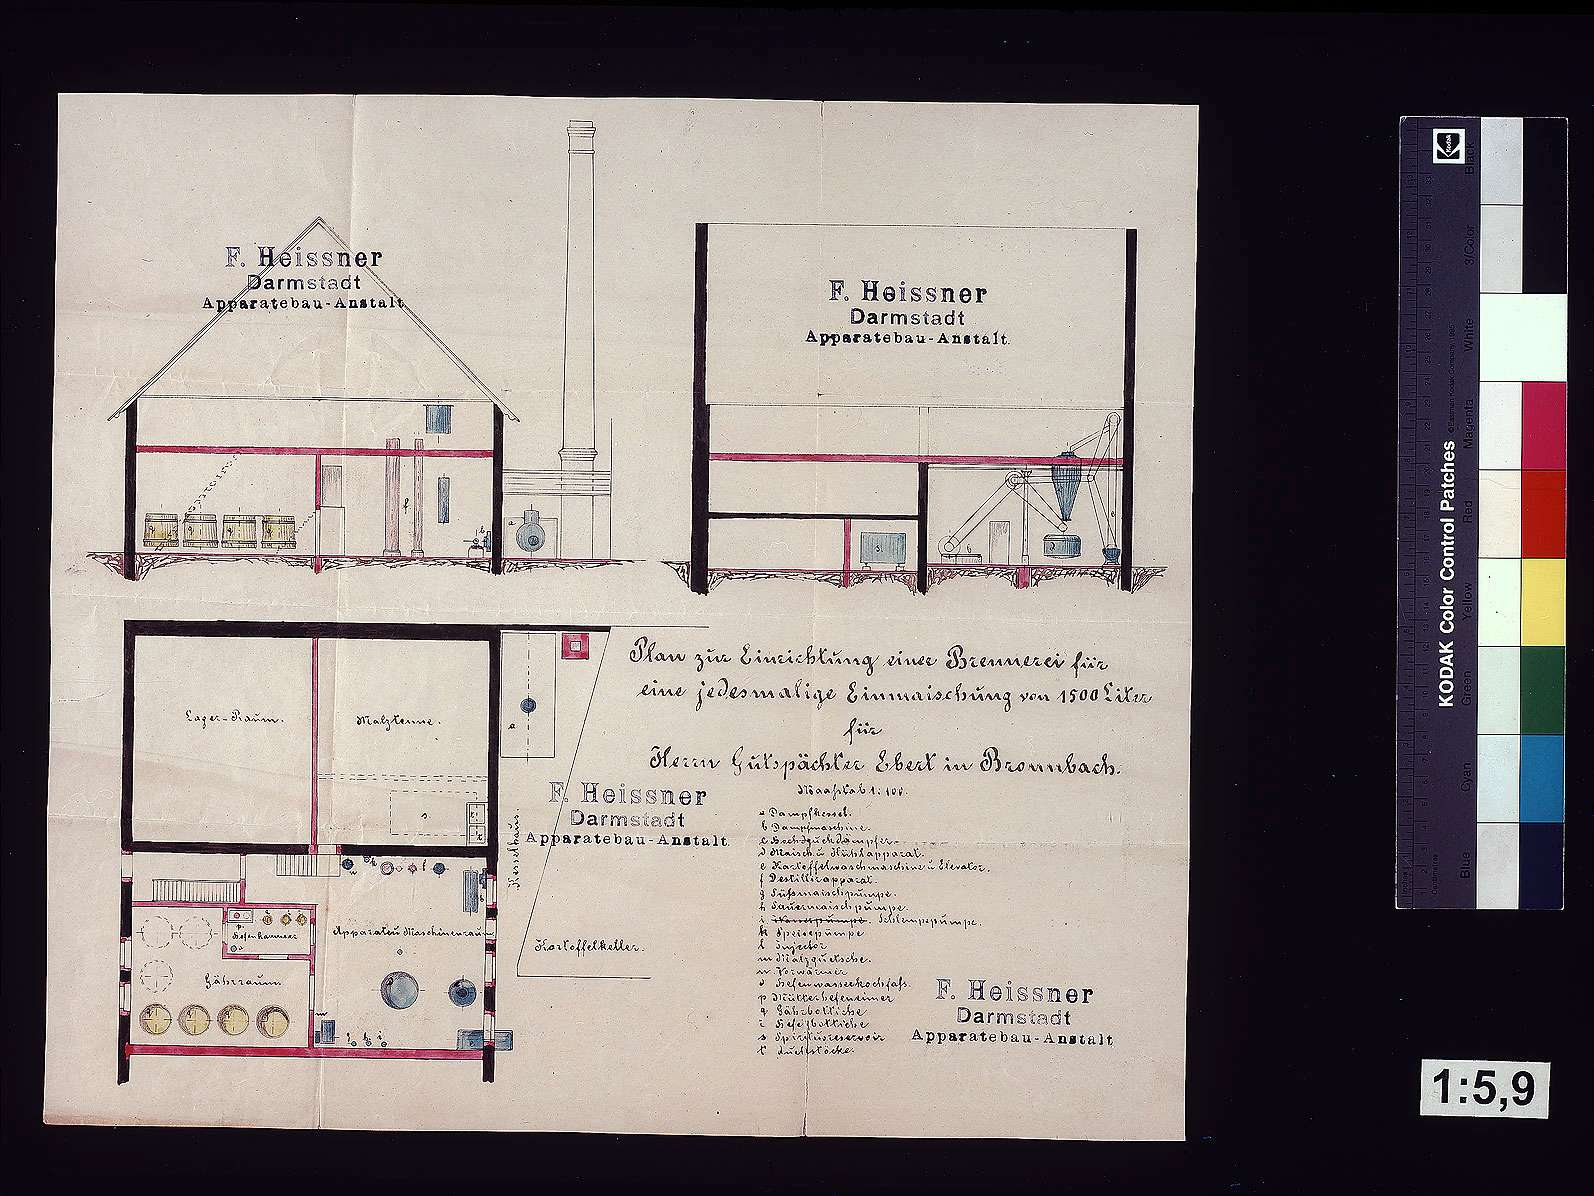 Einrichtung einer Brennerei für Gutspächter Ebert in Bronnbach, Bild 1